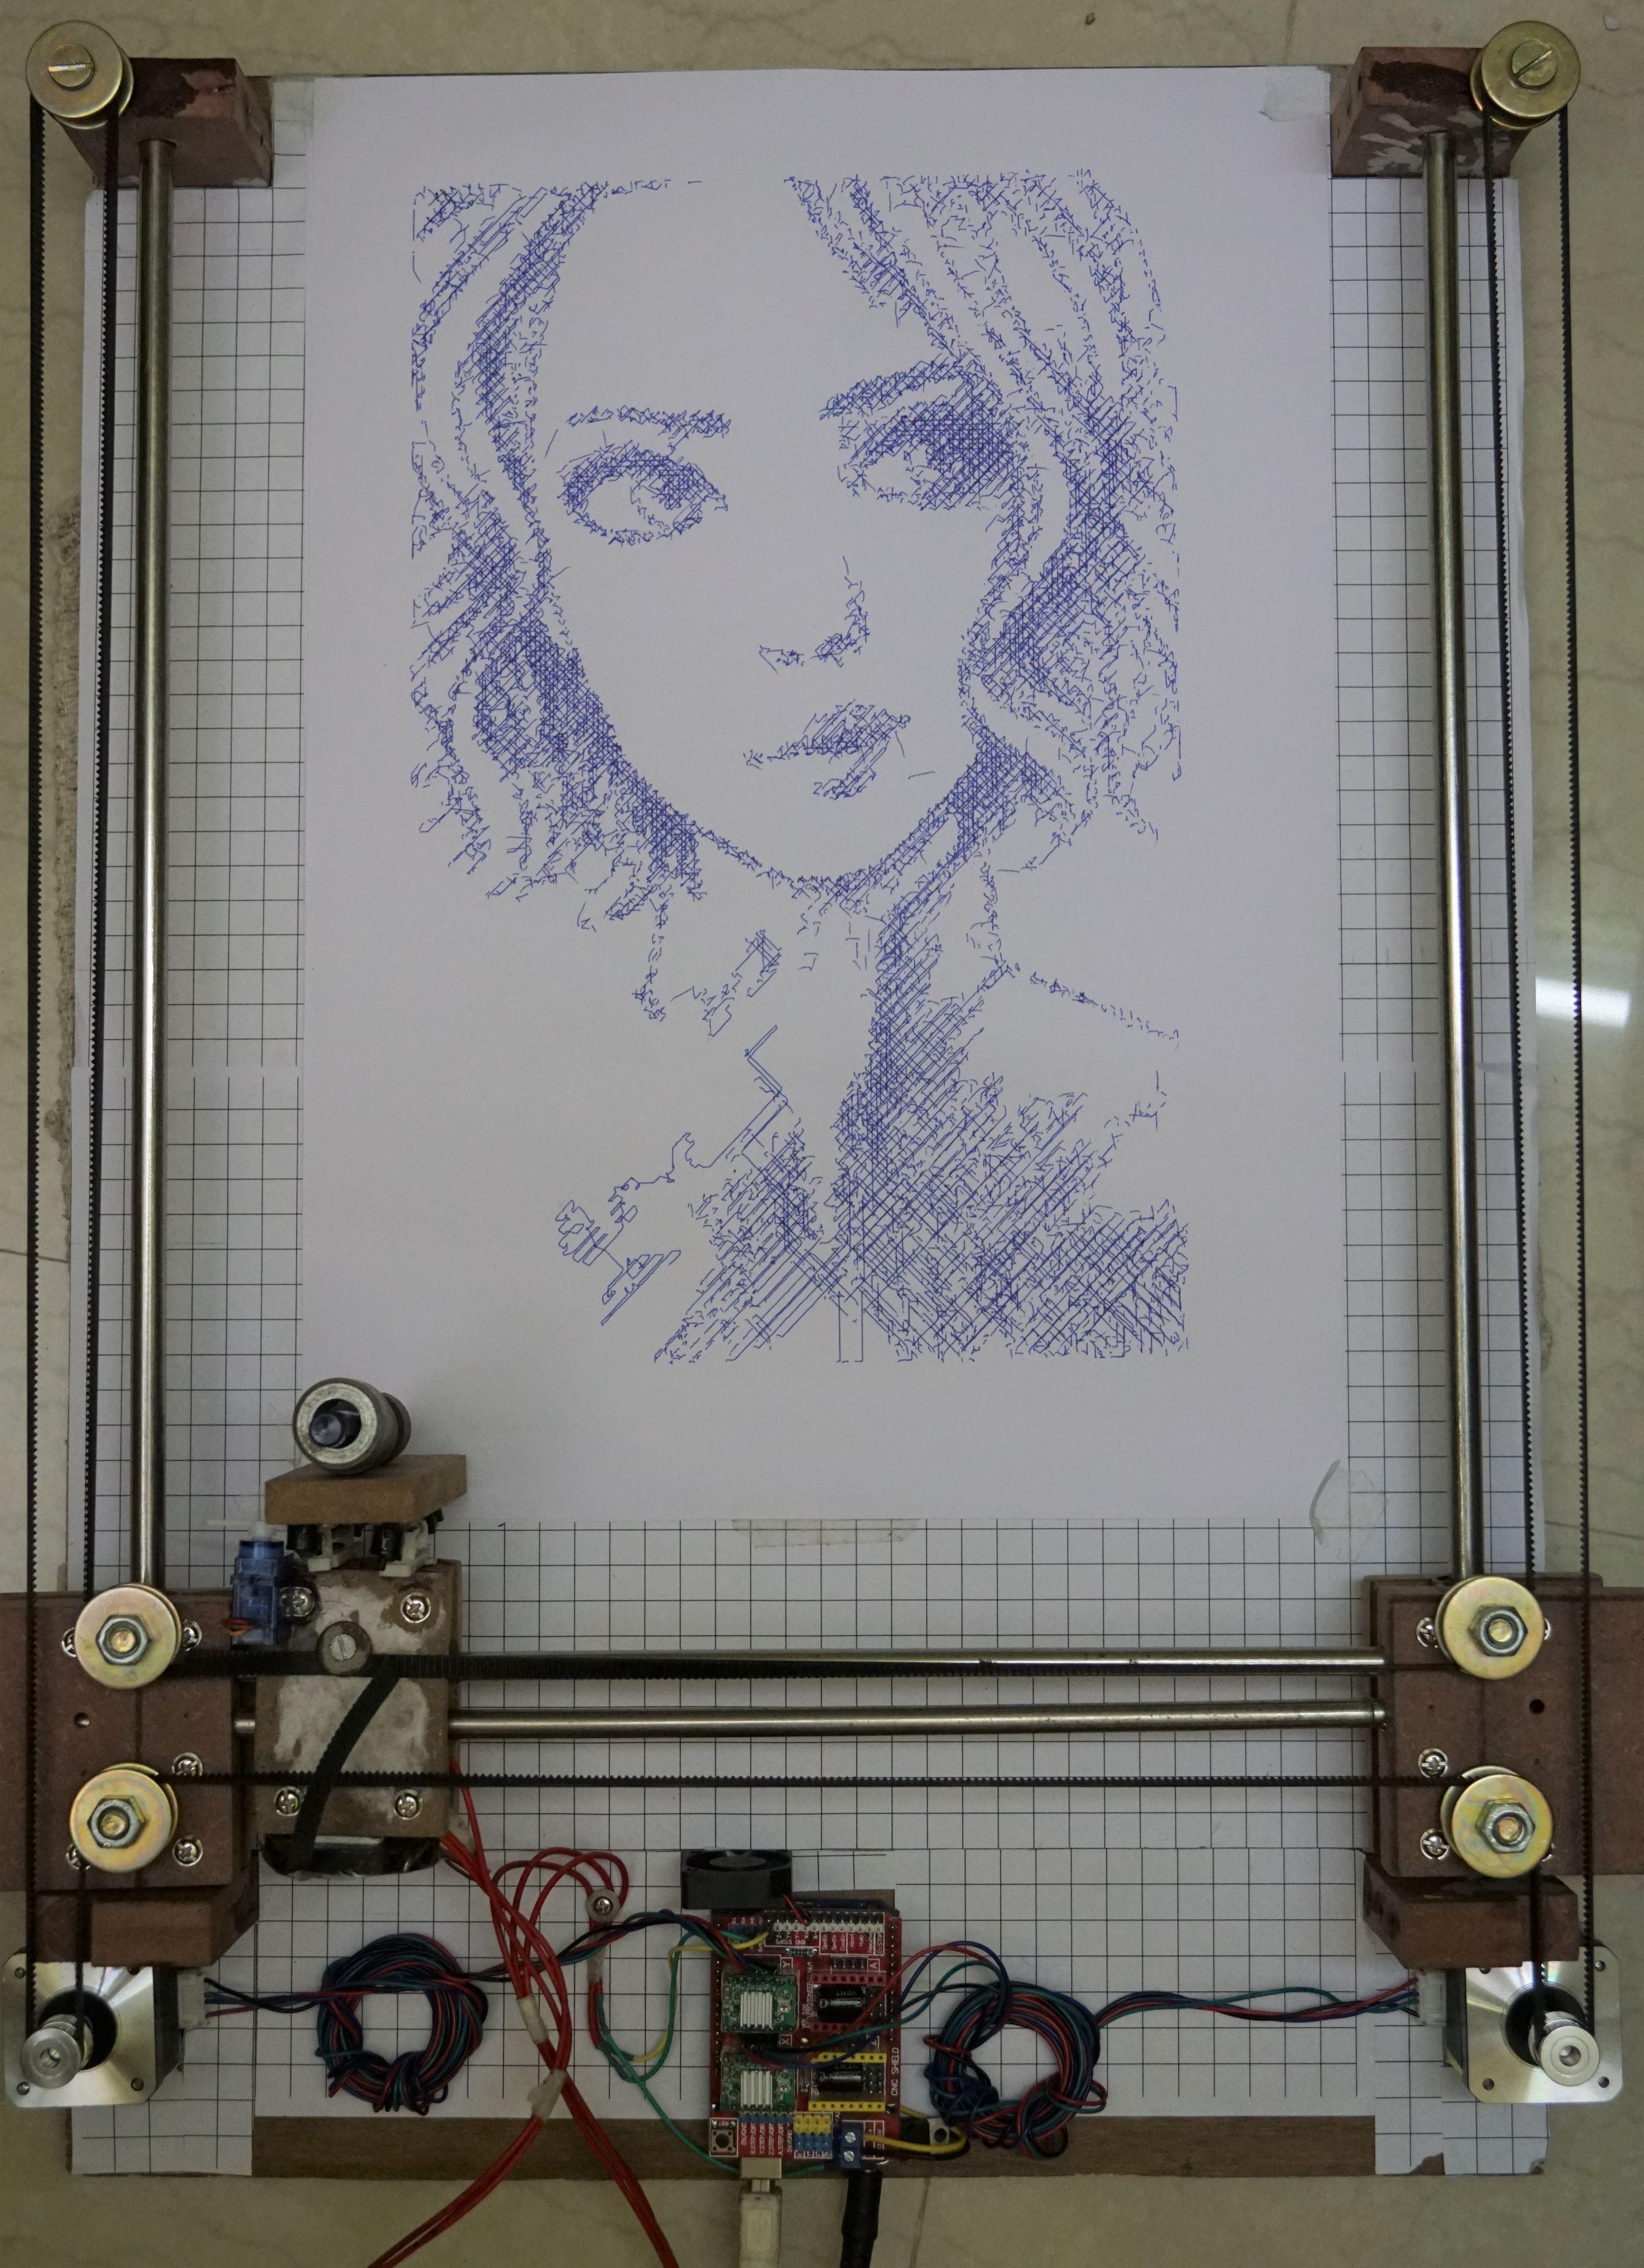 Arduino Drawing Machine Working